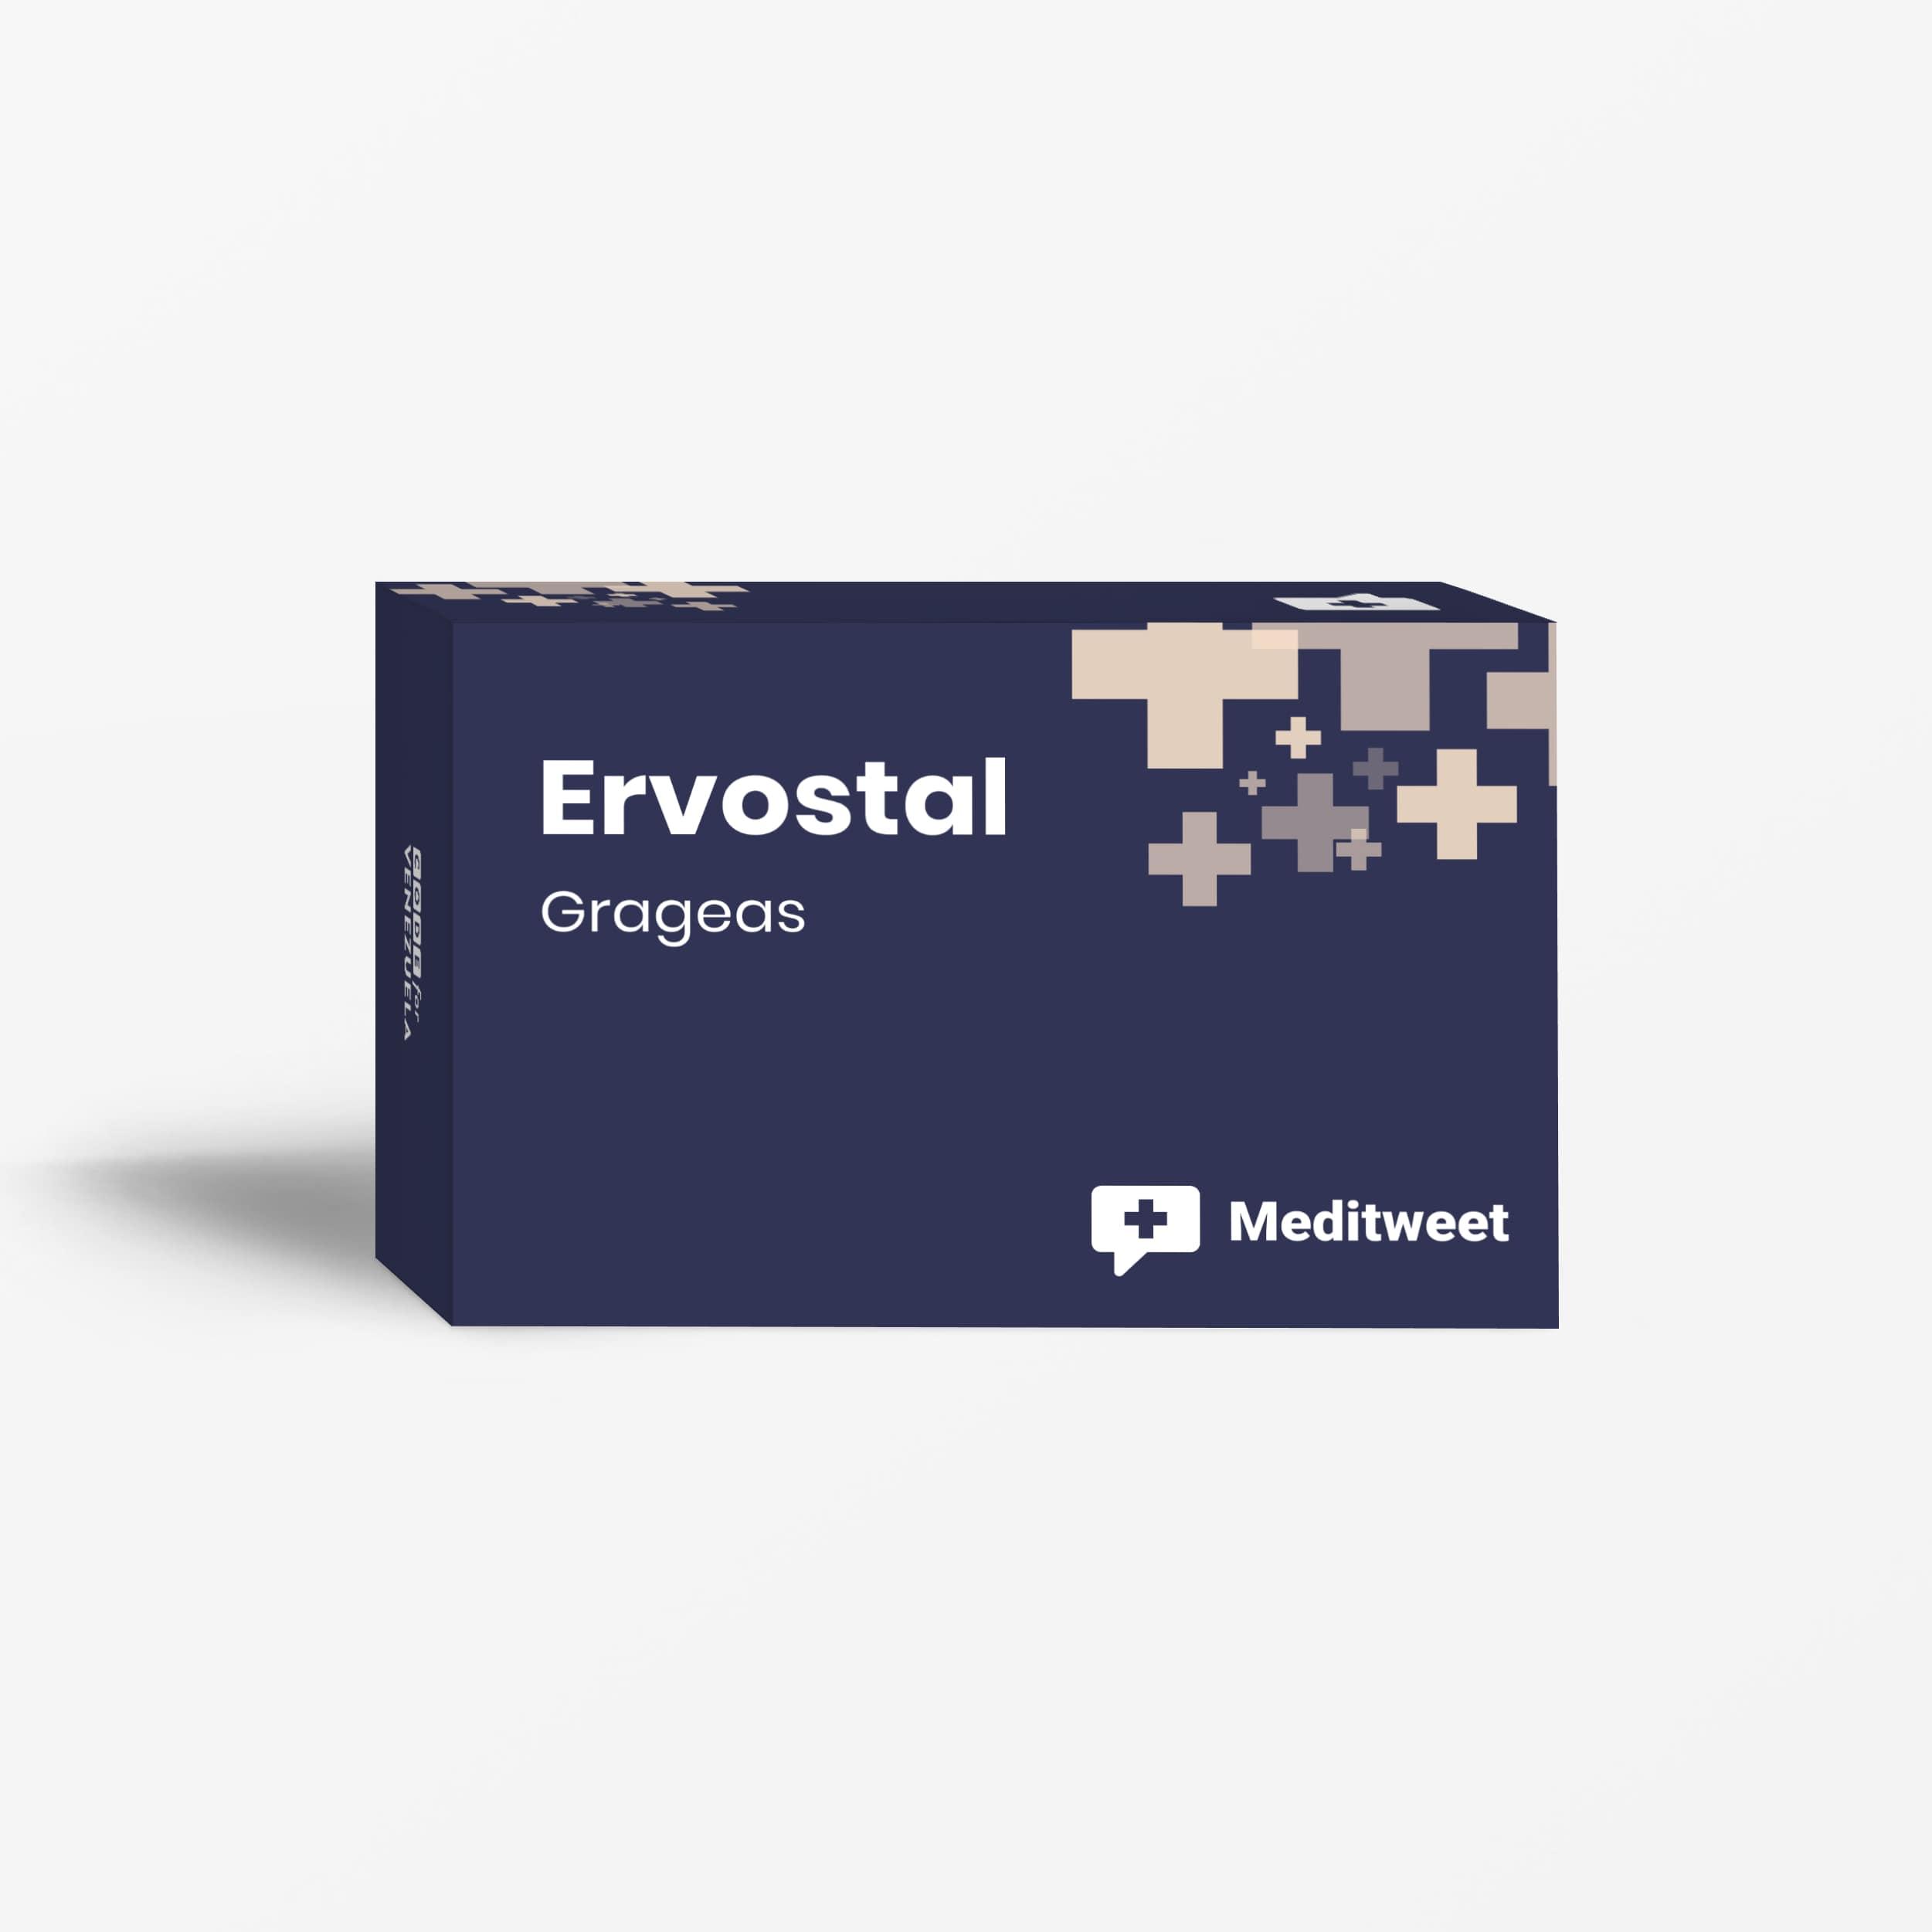 Ervostal: qué es, para qué sirve y dónde conseguirlo